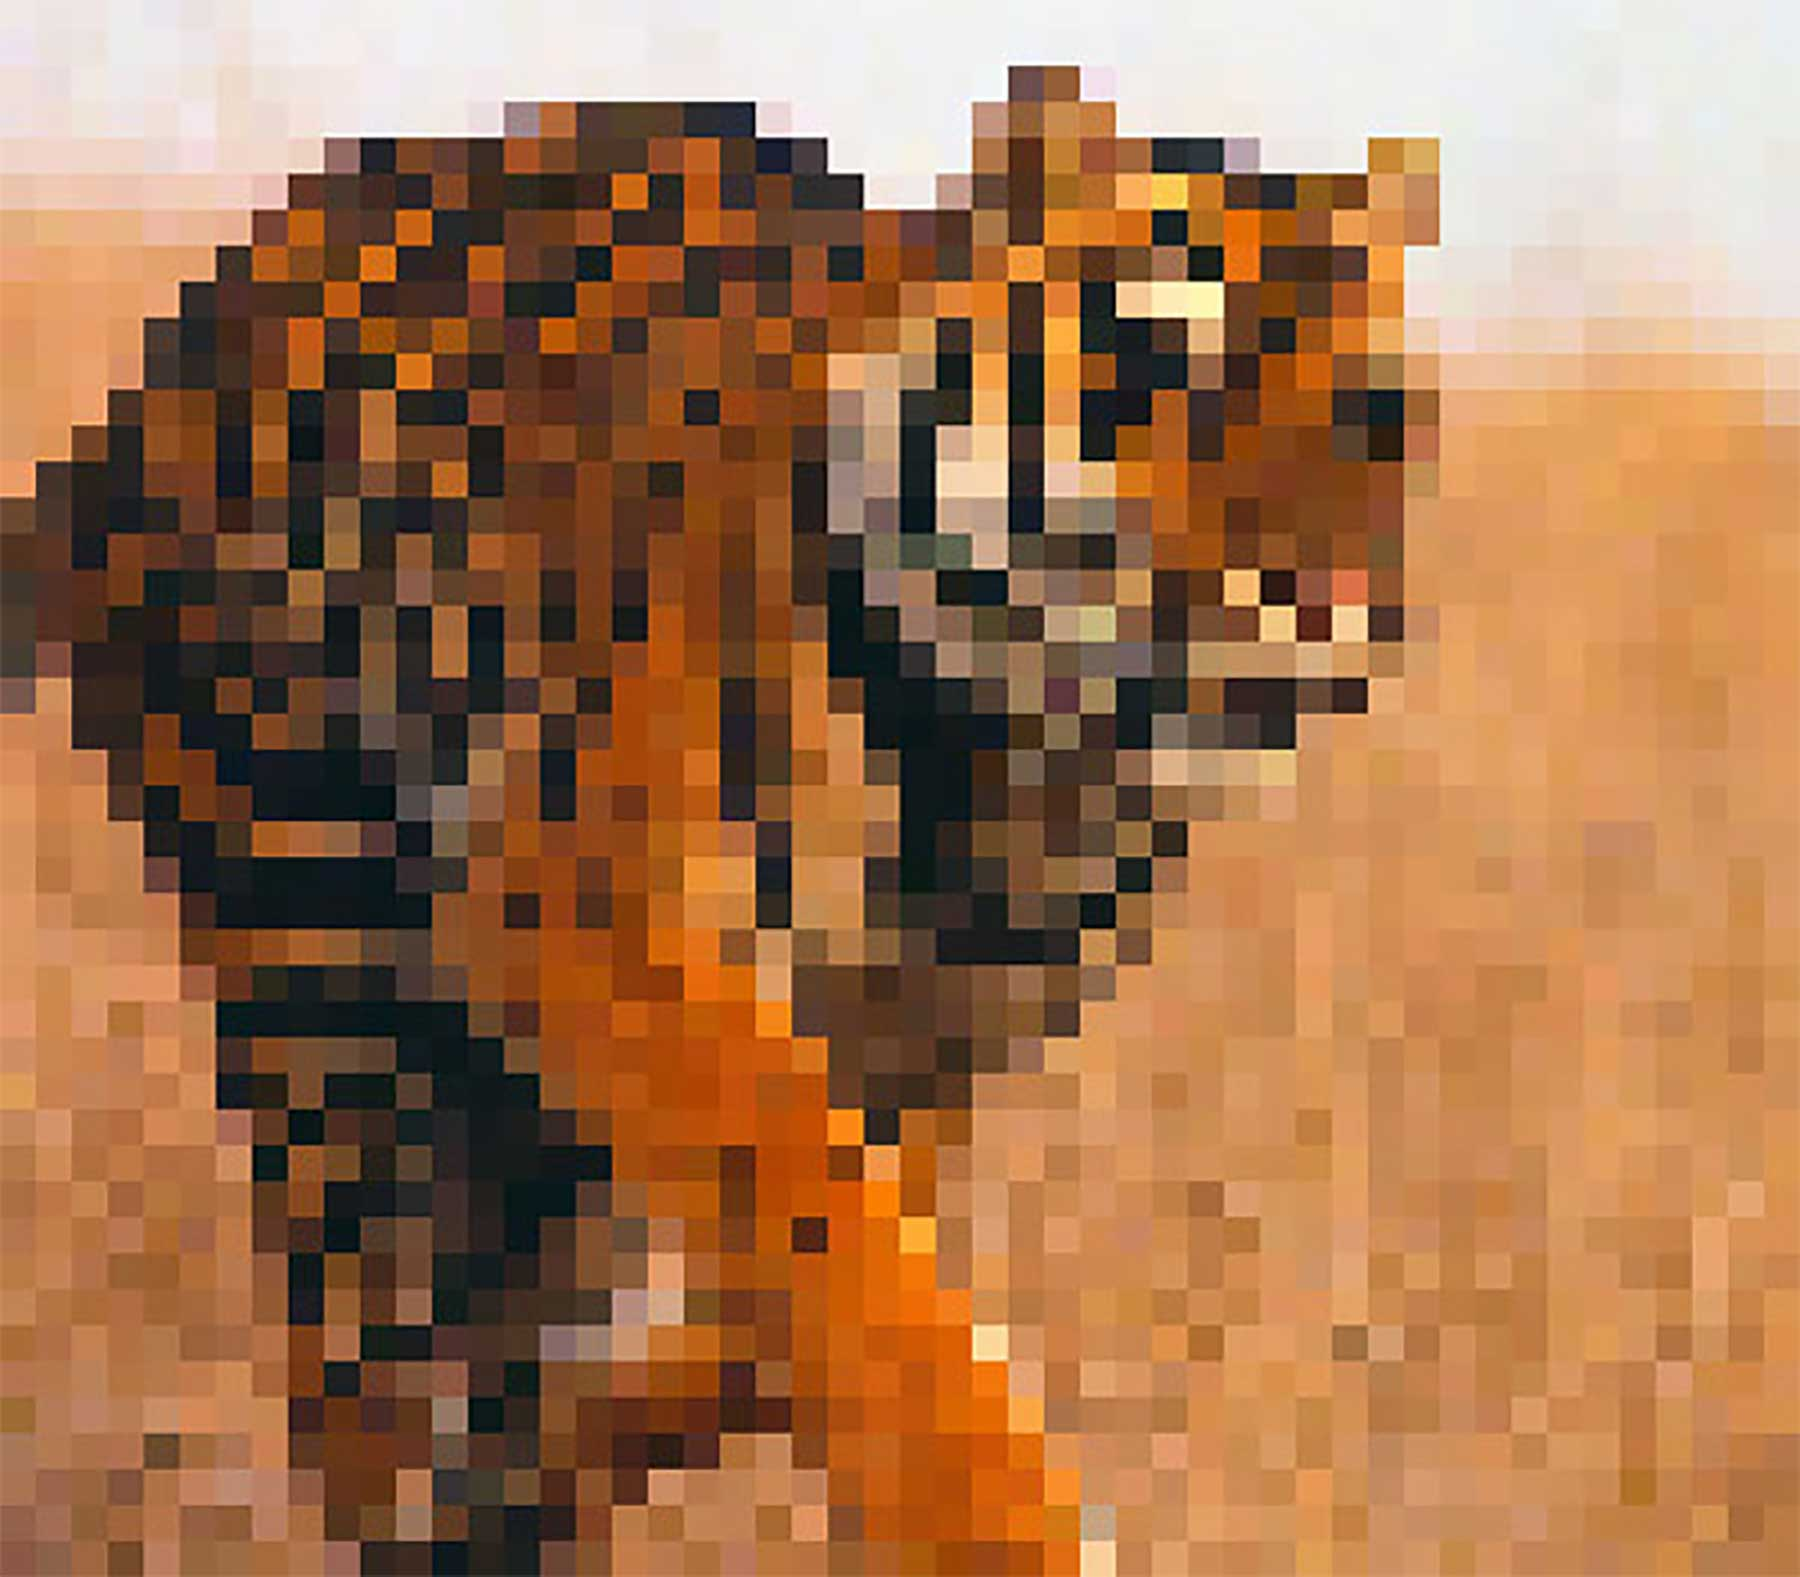 Tierbilder aus so vielen Pixeln, wie es noch Exemplare der Art auf der Welt gibt